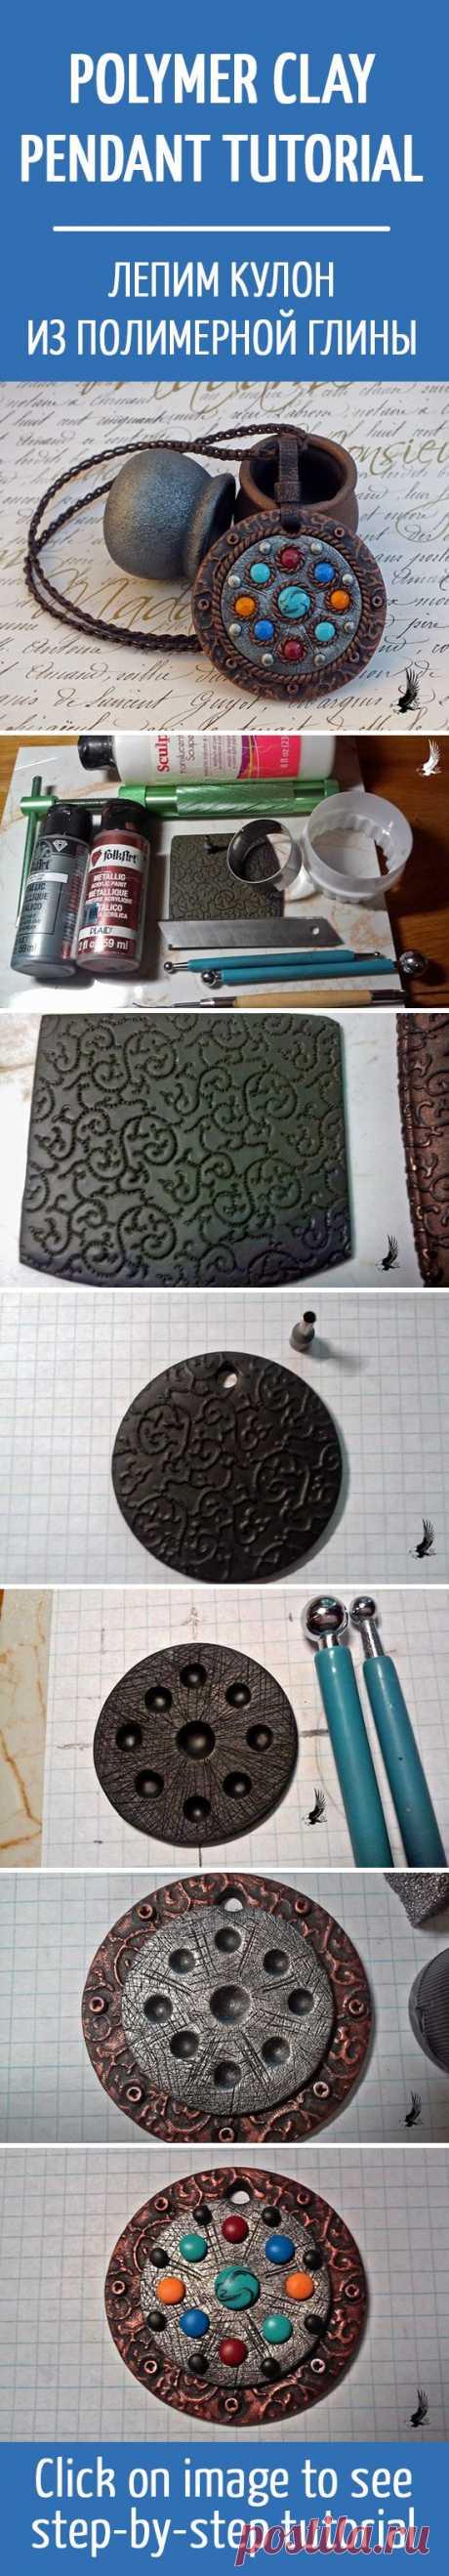 (11) Лепим кулон из полимерной глины / Polymer clay pendant tutorial | Craftssss